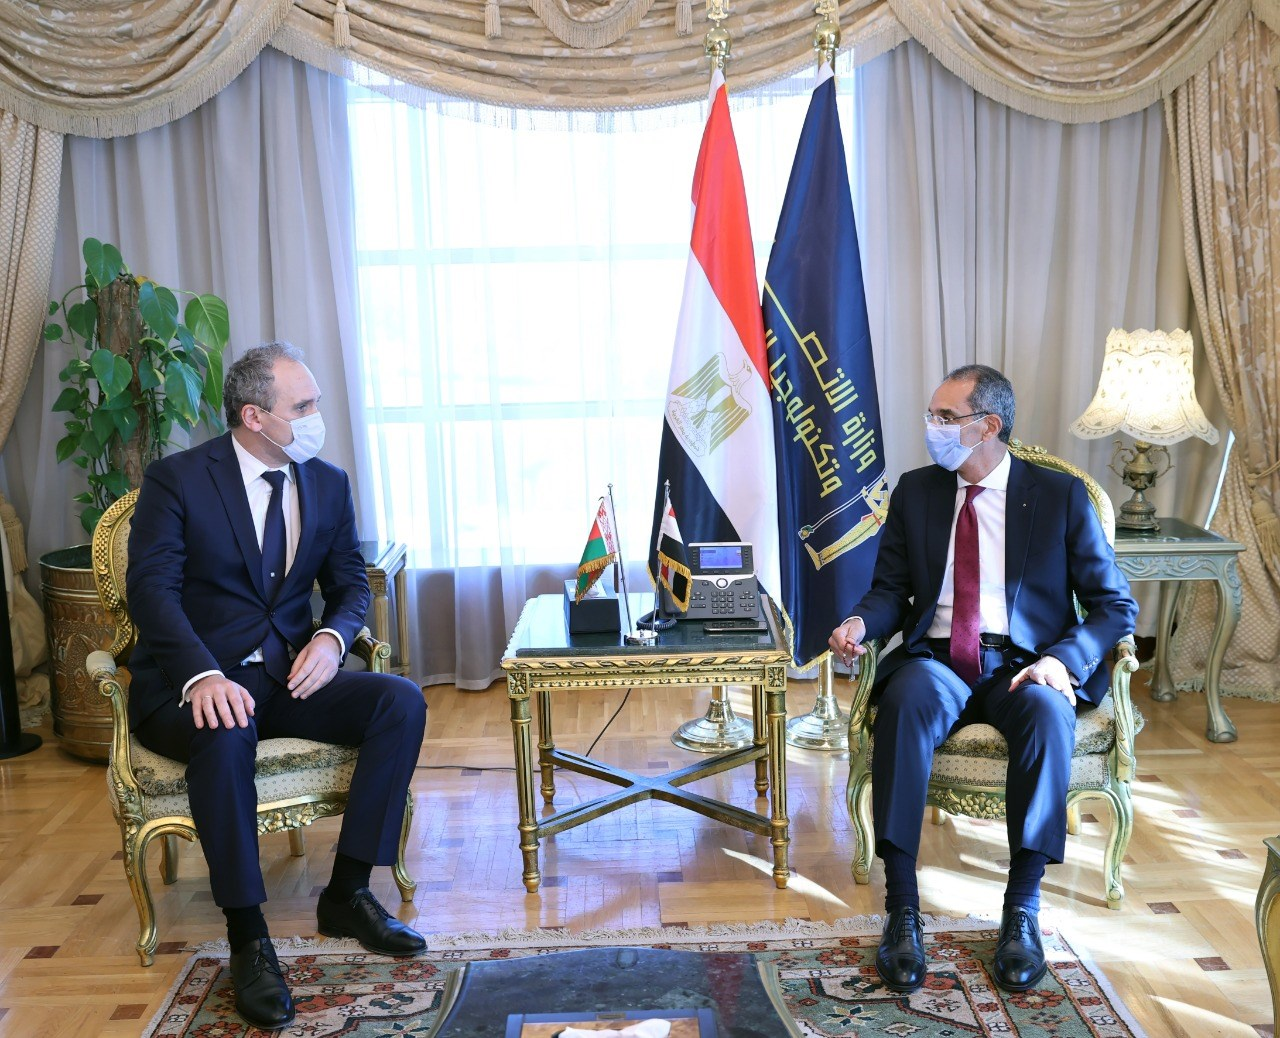 وزير الاتصالات يبحث مع سفير بيلاروسيا التعاون فى التحول الرقمى والأمن السيبرانى